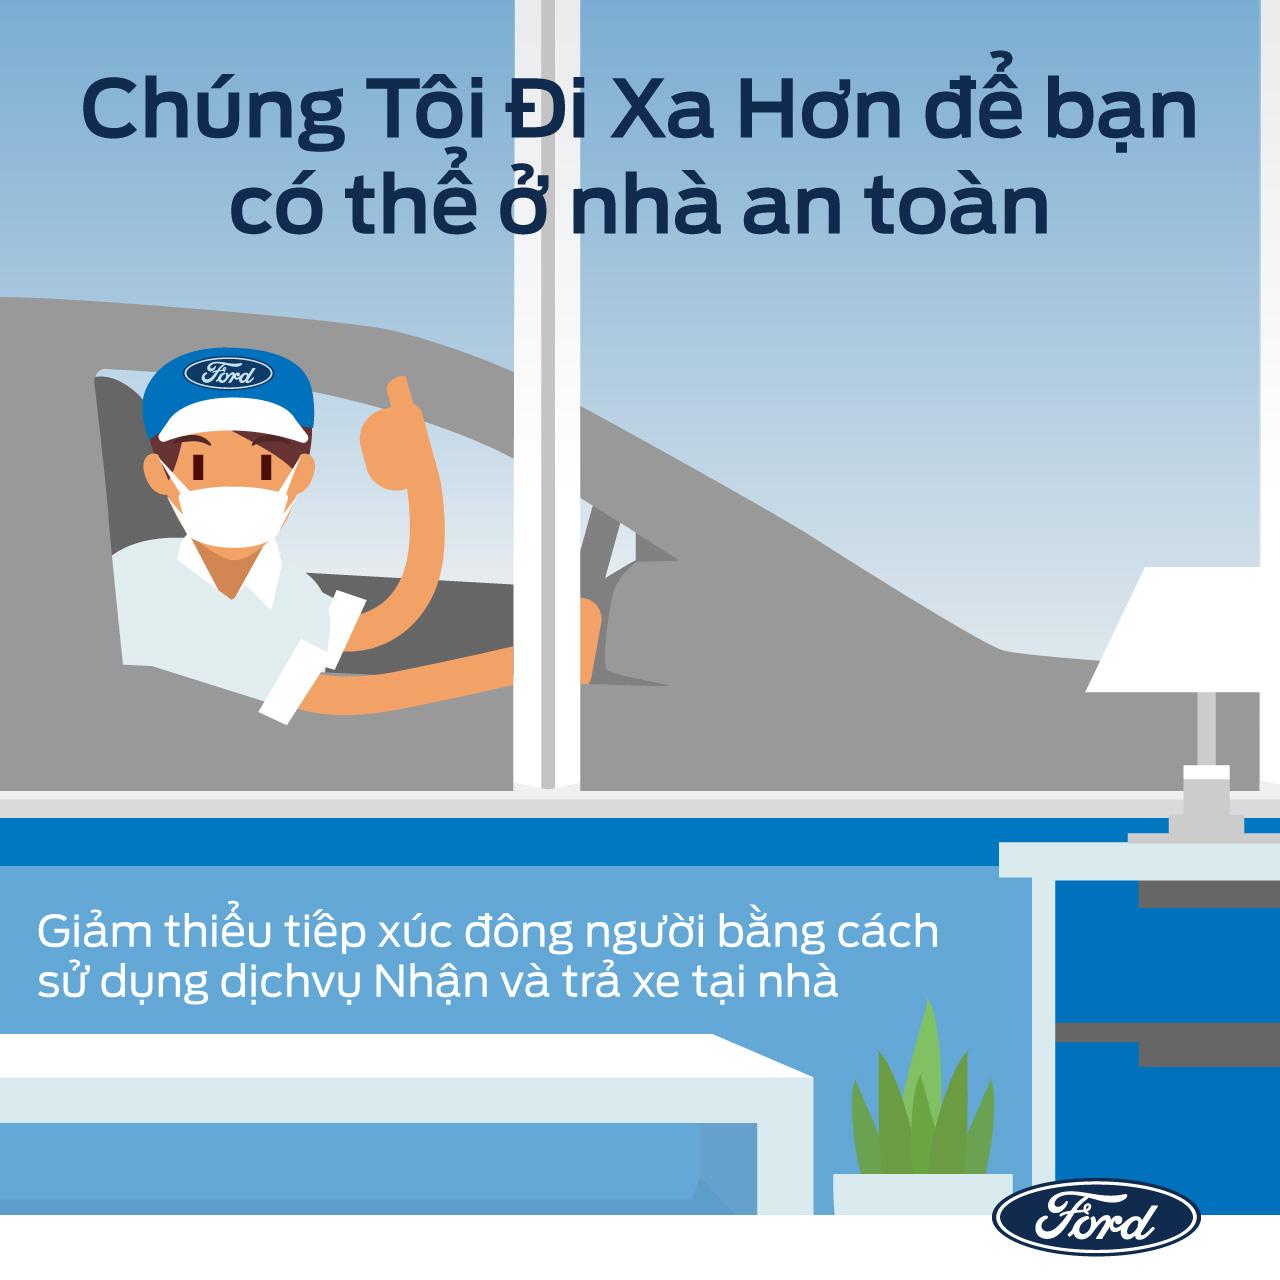 Ford Việt Nam triển khai các dịch vụ hỗ trợ khách hàng an toàn, hiệu quả và thuận tiện trong mùa dịch - 2